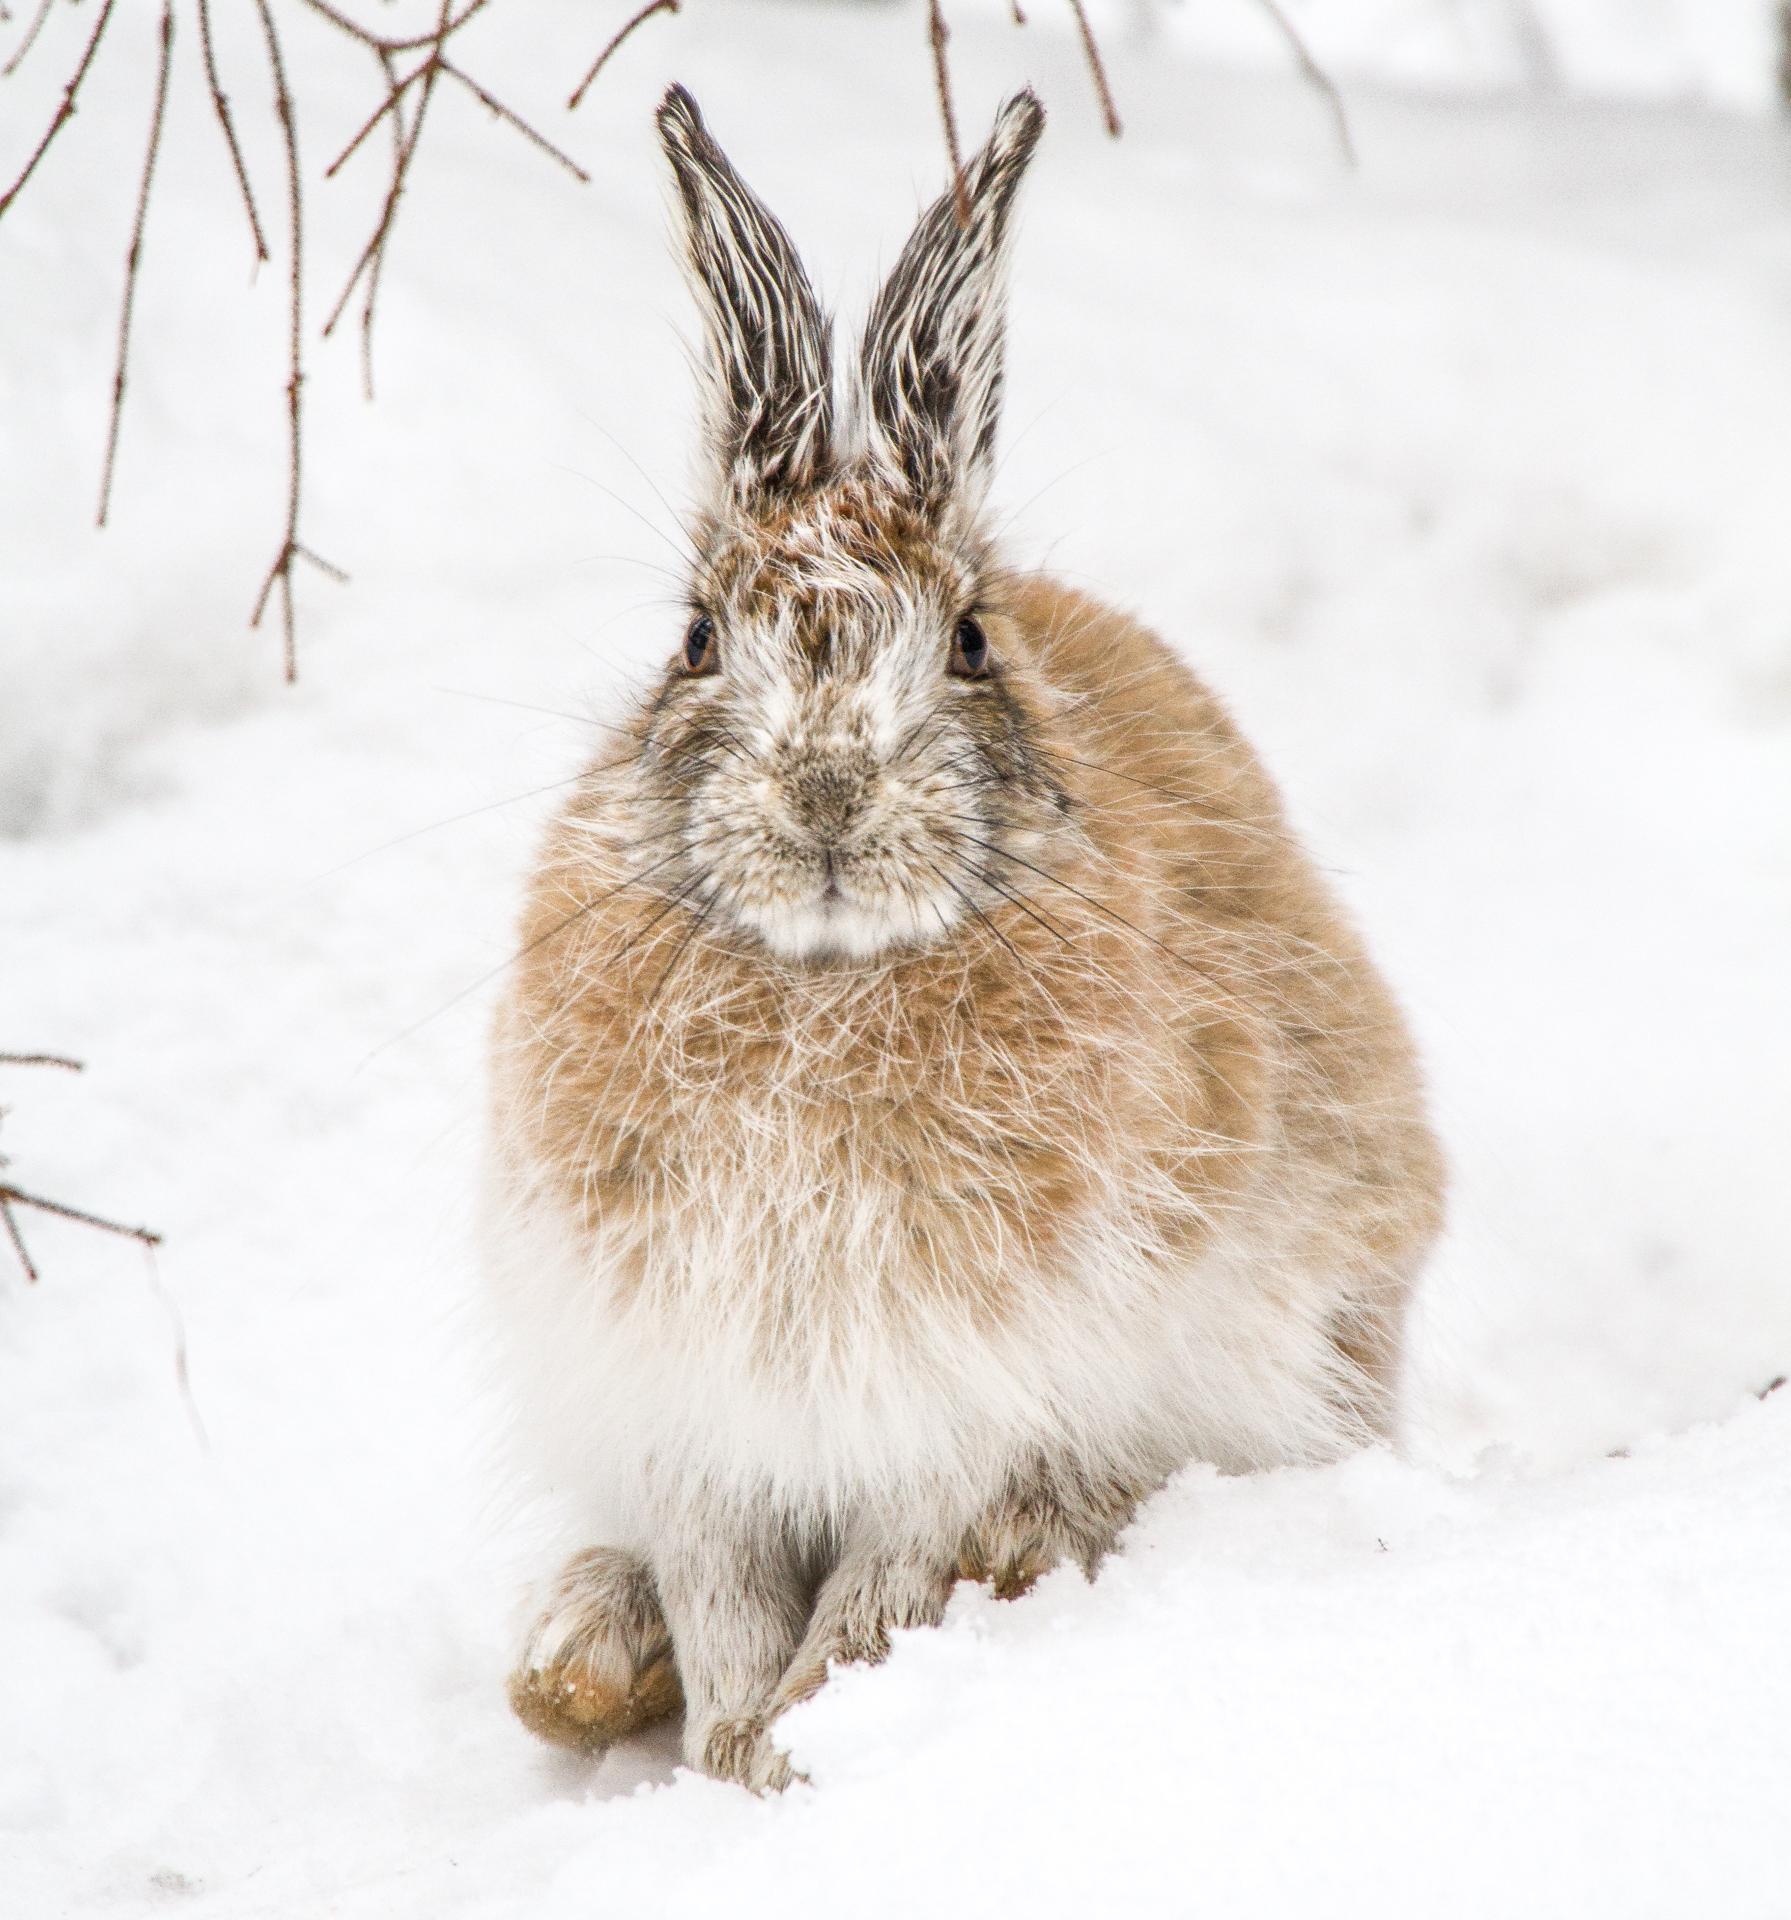 Snowshoe Hare Warren Nelson Memorial Bog Sax-Zim Bog MN IMG_0775